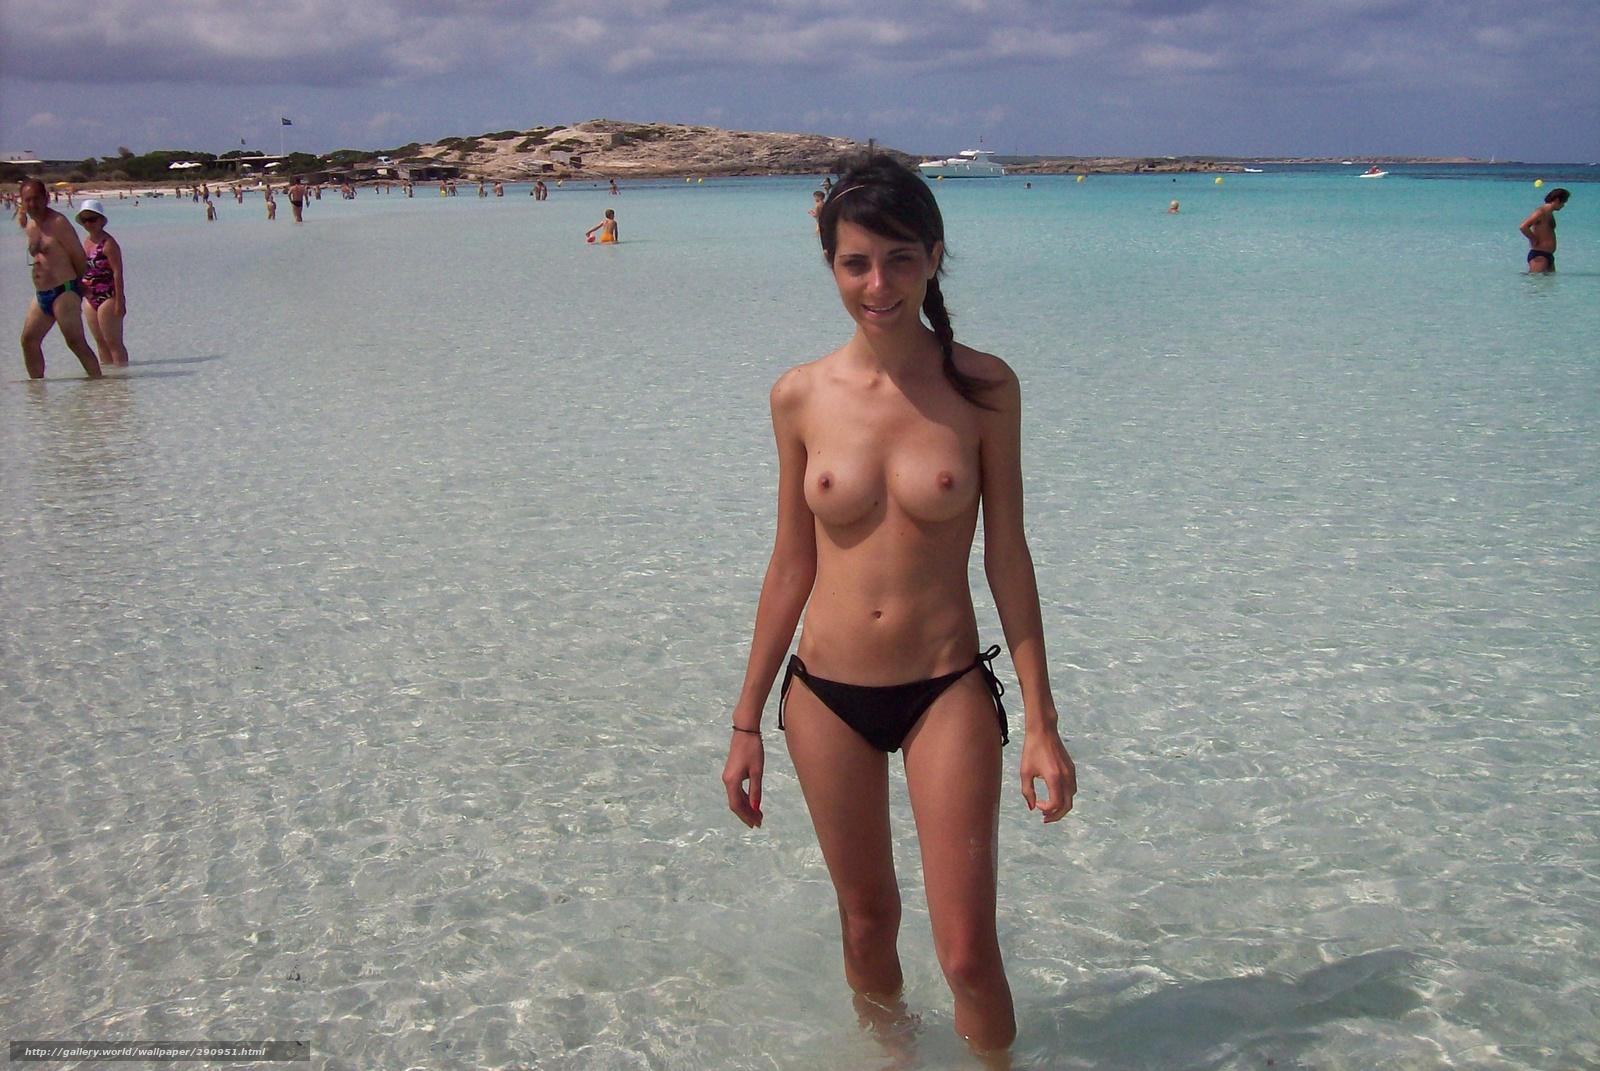 seksualniy-plyazh-foto